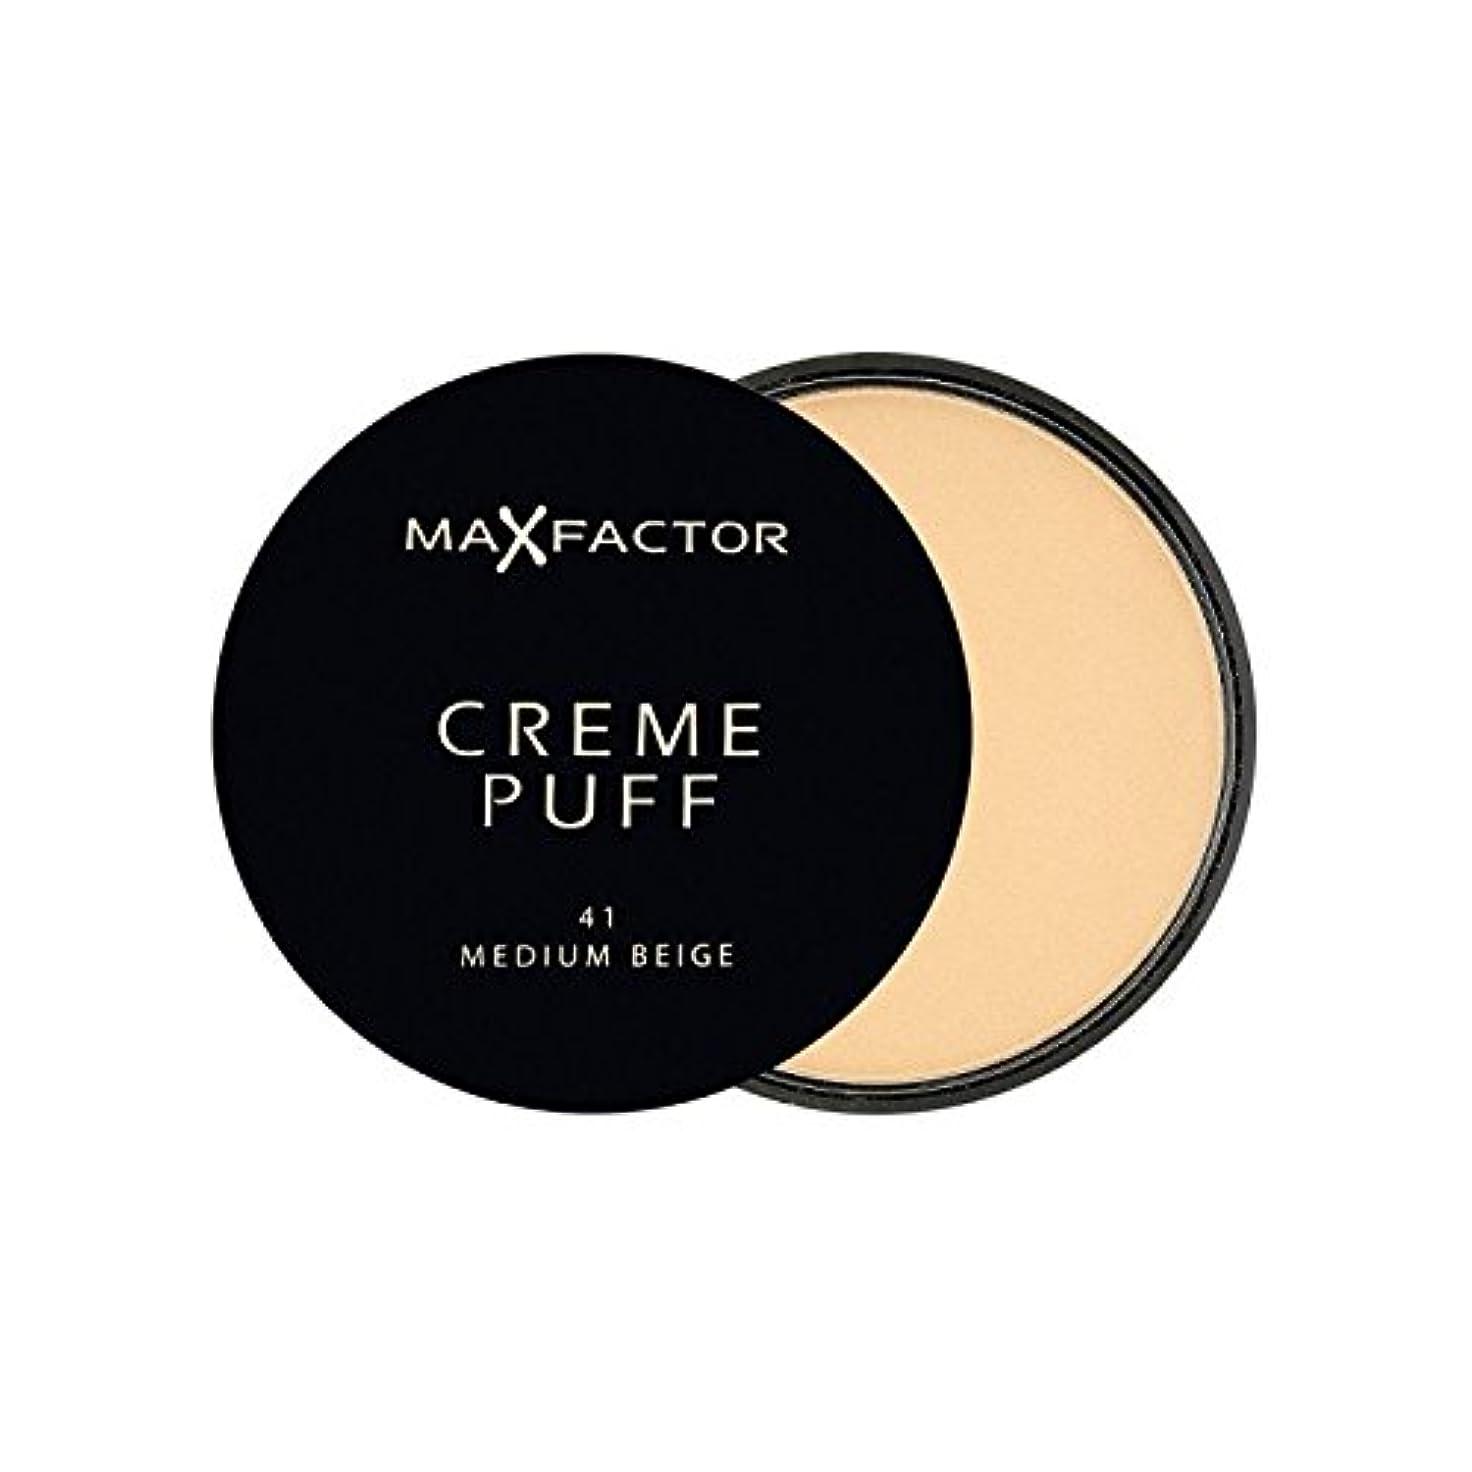 翻訳する社会侵入するマックスファクタークリームパフ粉末コンパクト媒体ベージュ41 x4 - Max Factor Creme Puff Powder Compact Medium Beige 41 (Pack of 4) [並行輸入品]